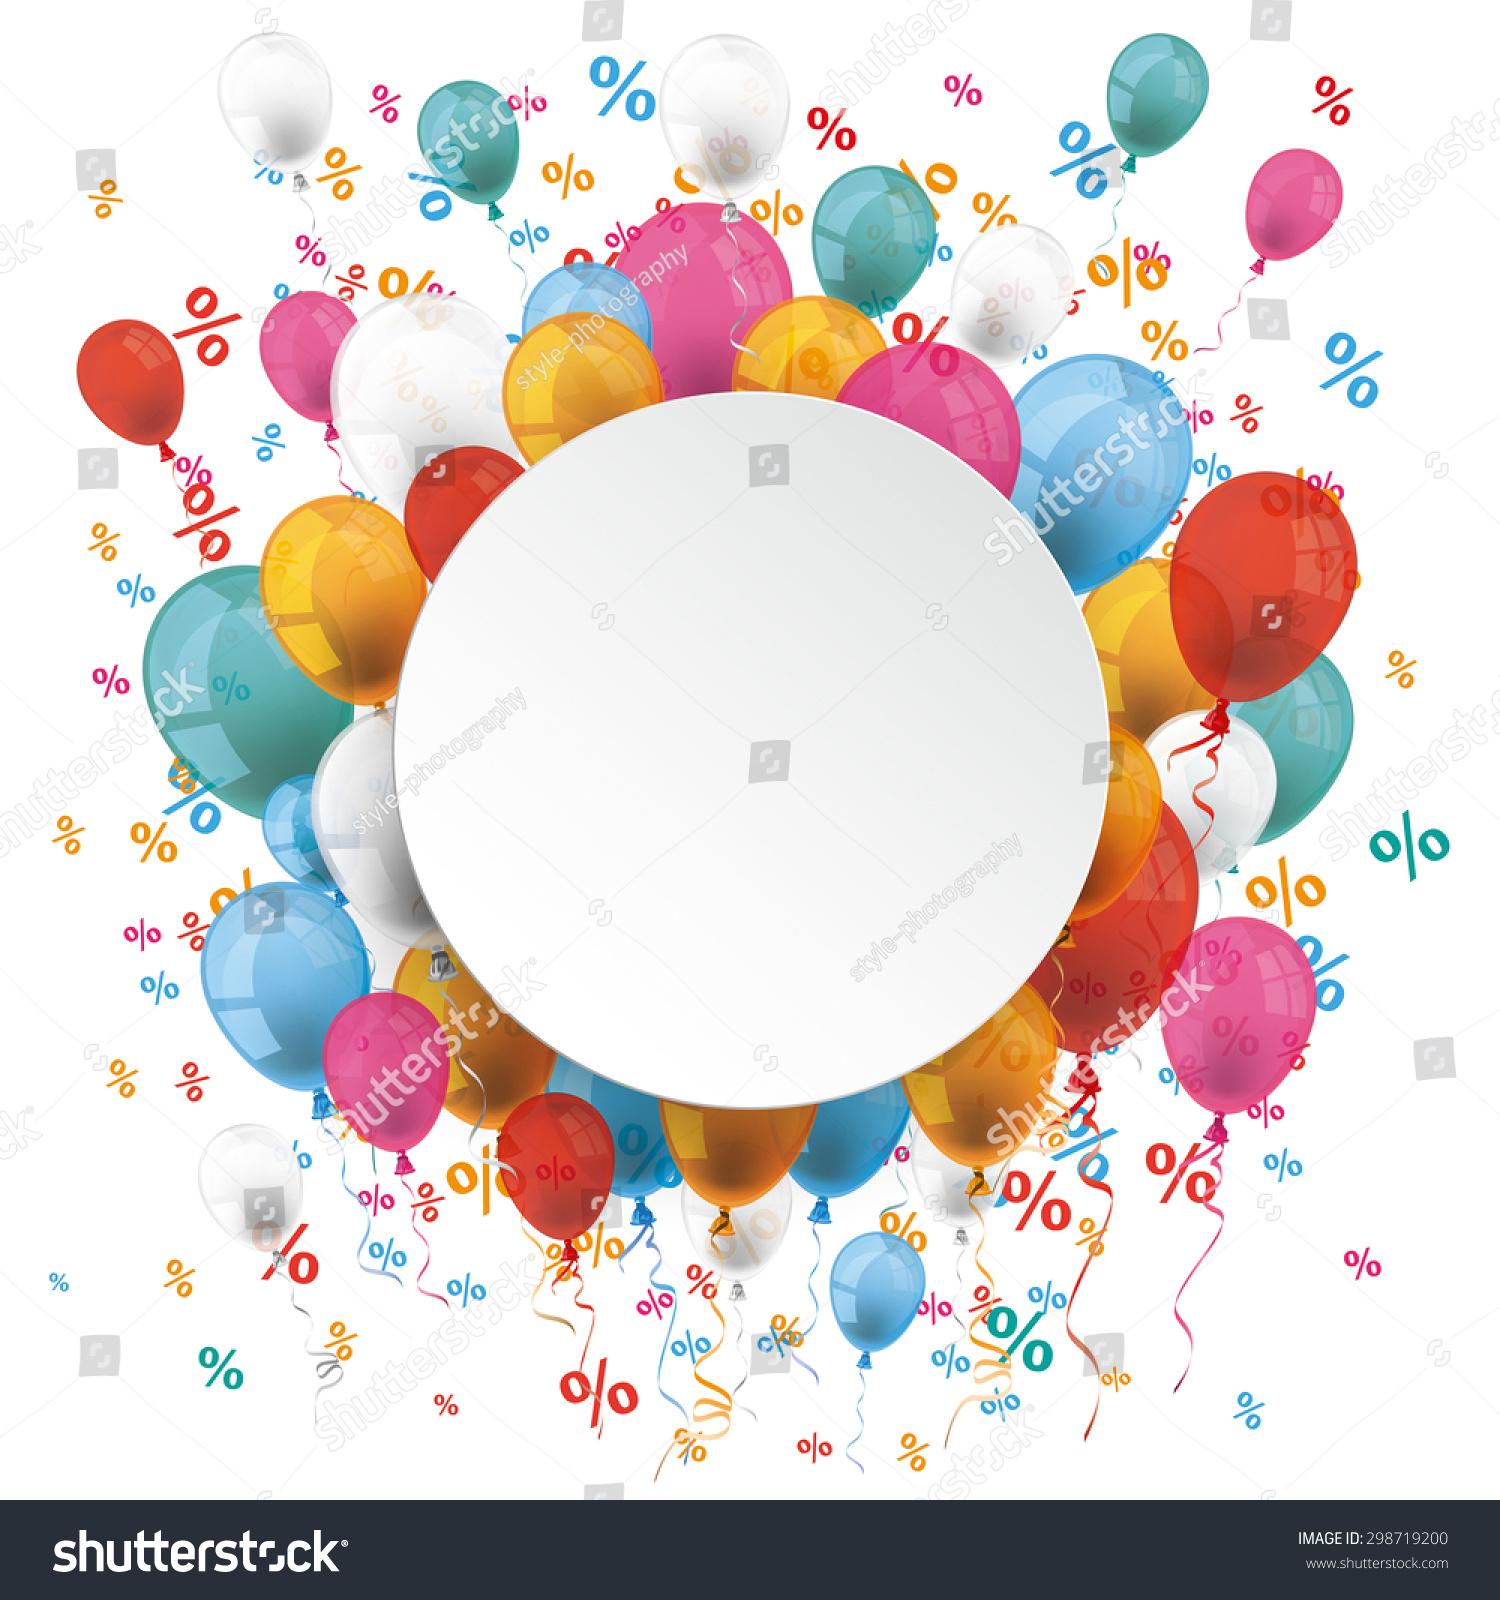 白皮书圆白色彩色气球和百分比.每股收益10矢量文件.图片